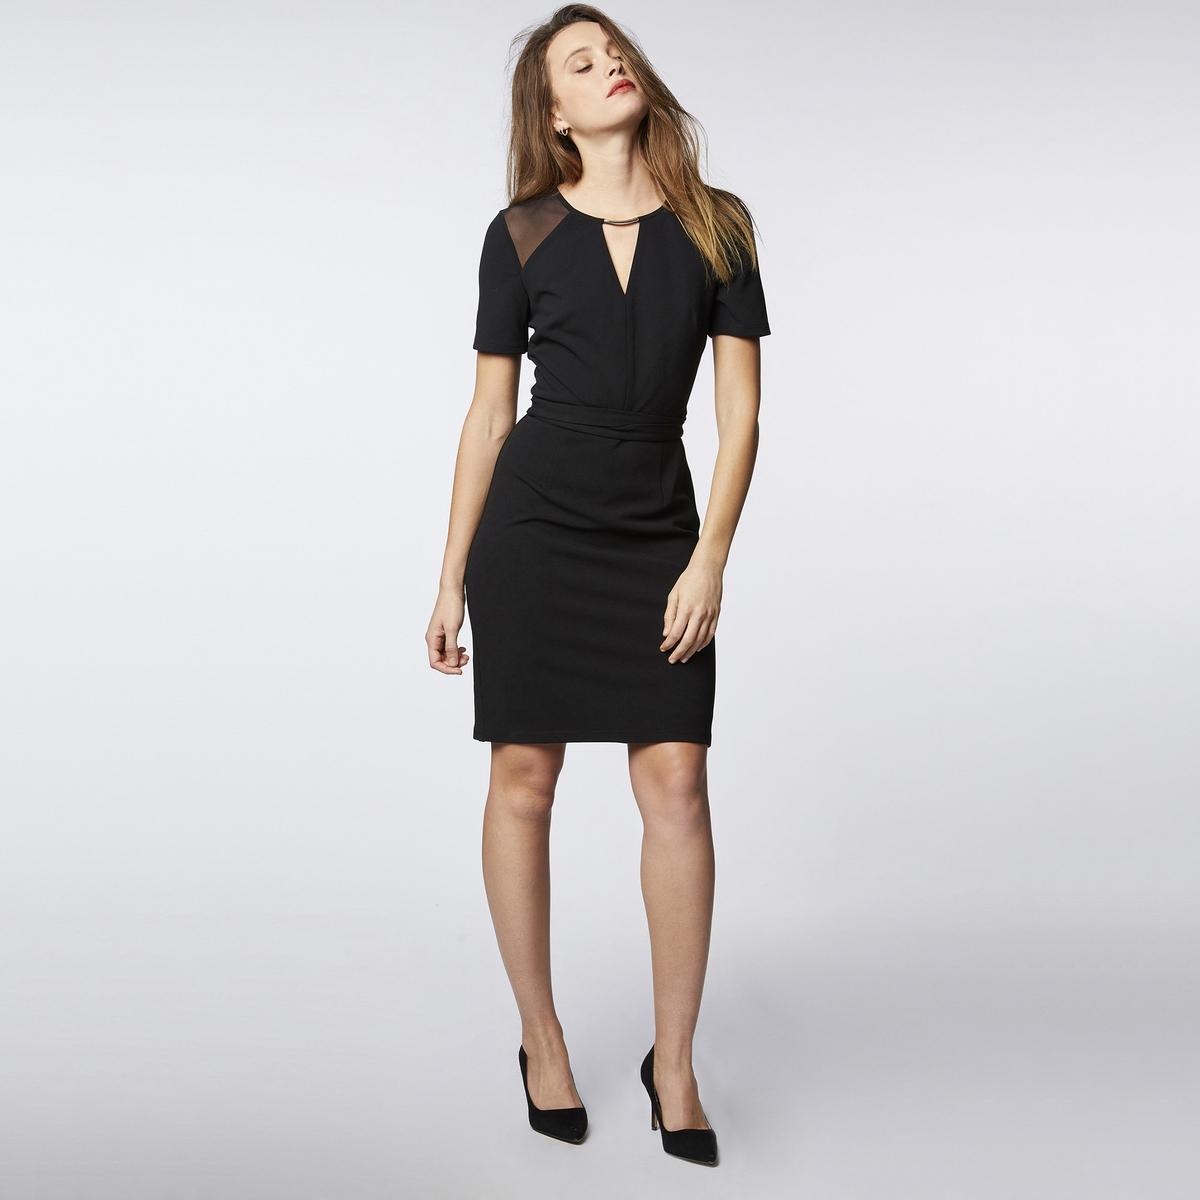 Платье La Redoute Облегающее с короткими рукавами 42 (FR) - 48 (RUS) черный платье la redoute расклешенное с короткими рукавами с гипюром 42 fr 48 rus черный